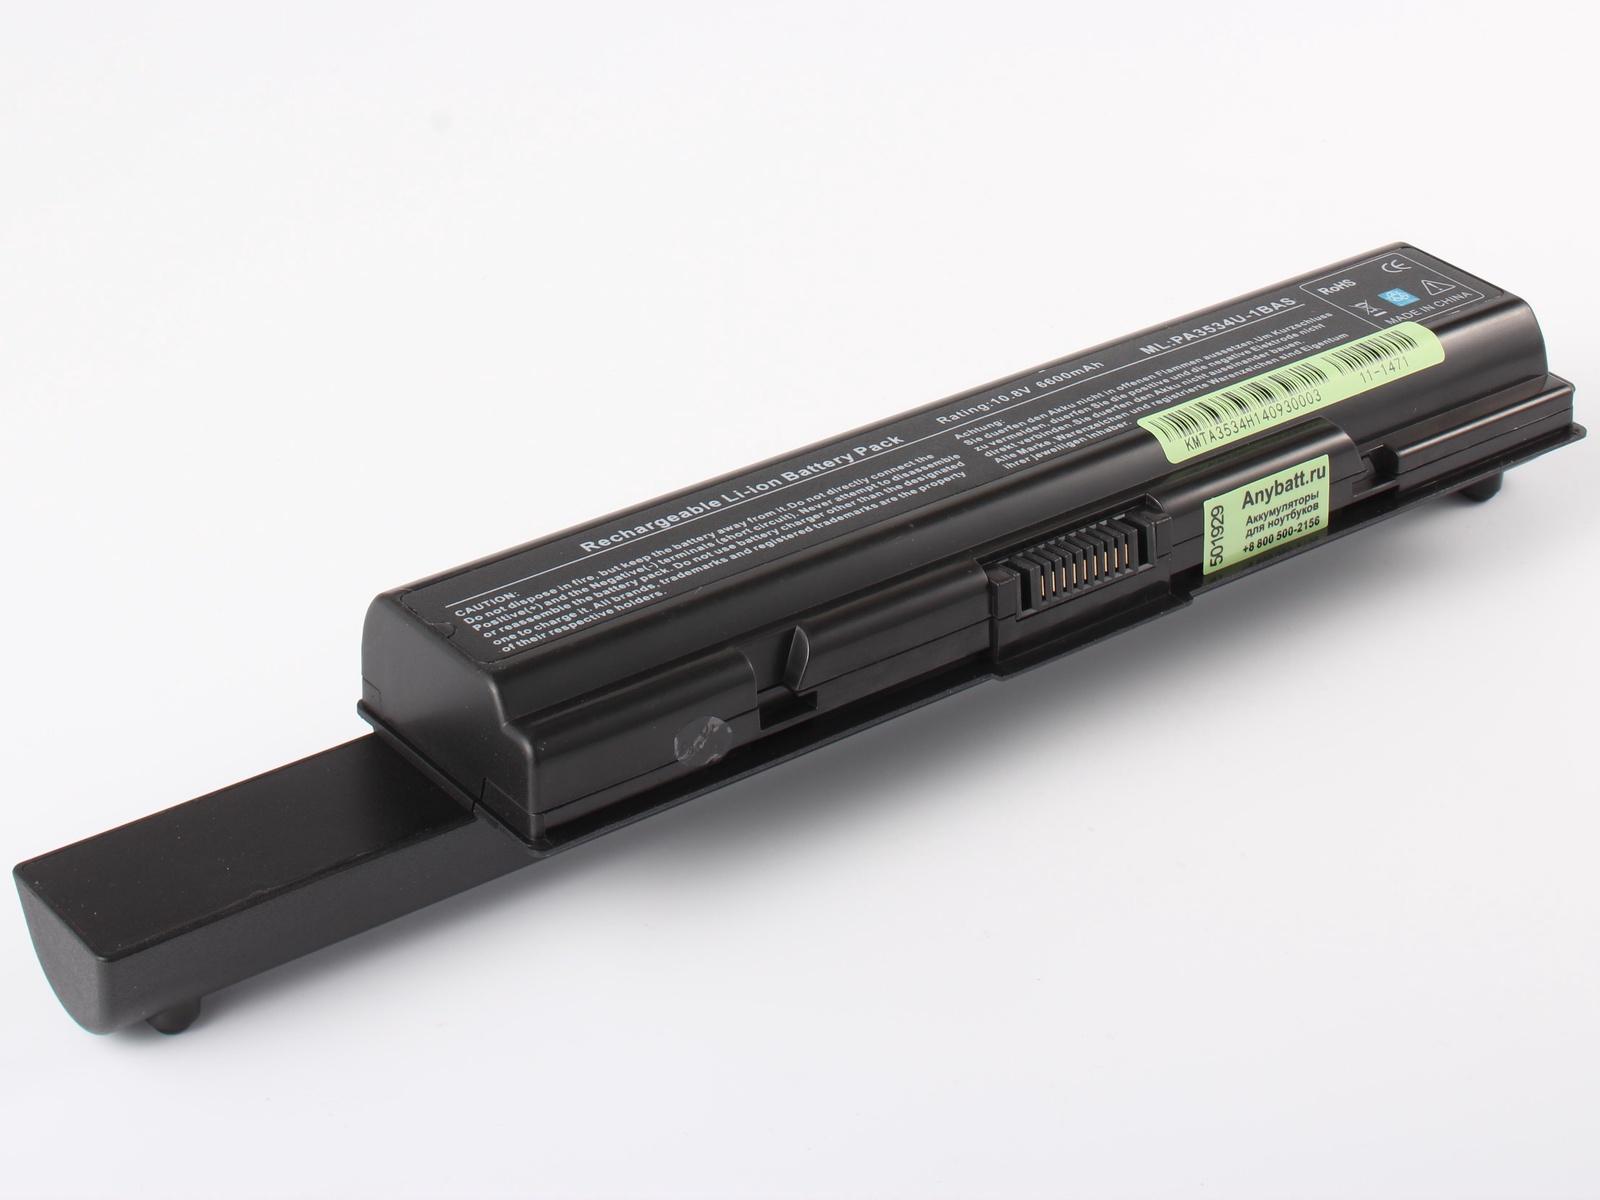 Аккумулятор для ноутбука AnyBatt для ToshiBa Satellite L300-17L, Satellite L300-1A3, Satellite 215, Satellite A200-11C, Satellite A300D-11T, Satellite A300D-226, Satellite Pro A200, Satellite A300-15D, Satellite A300-15G цена